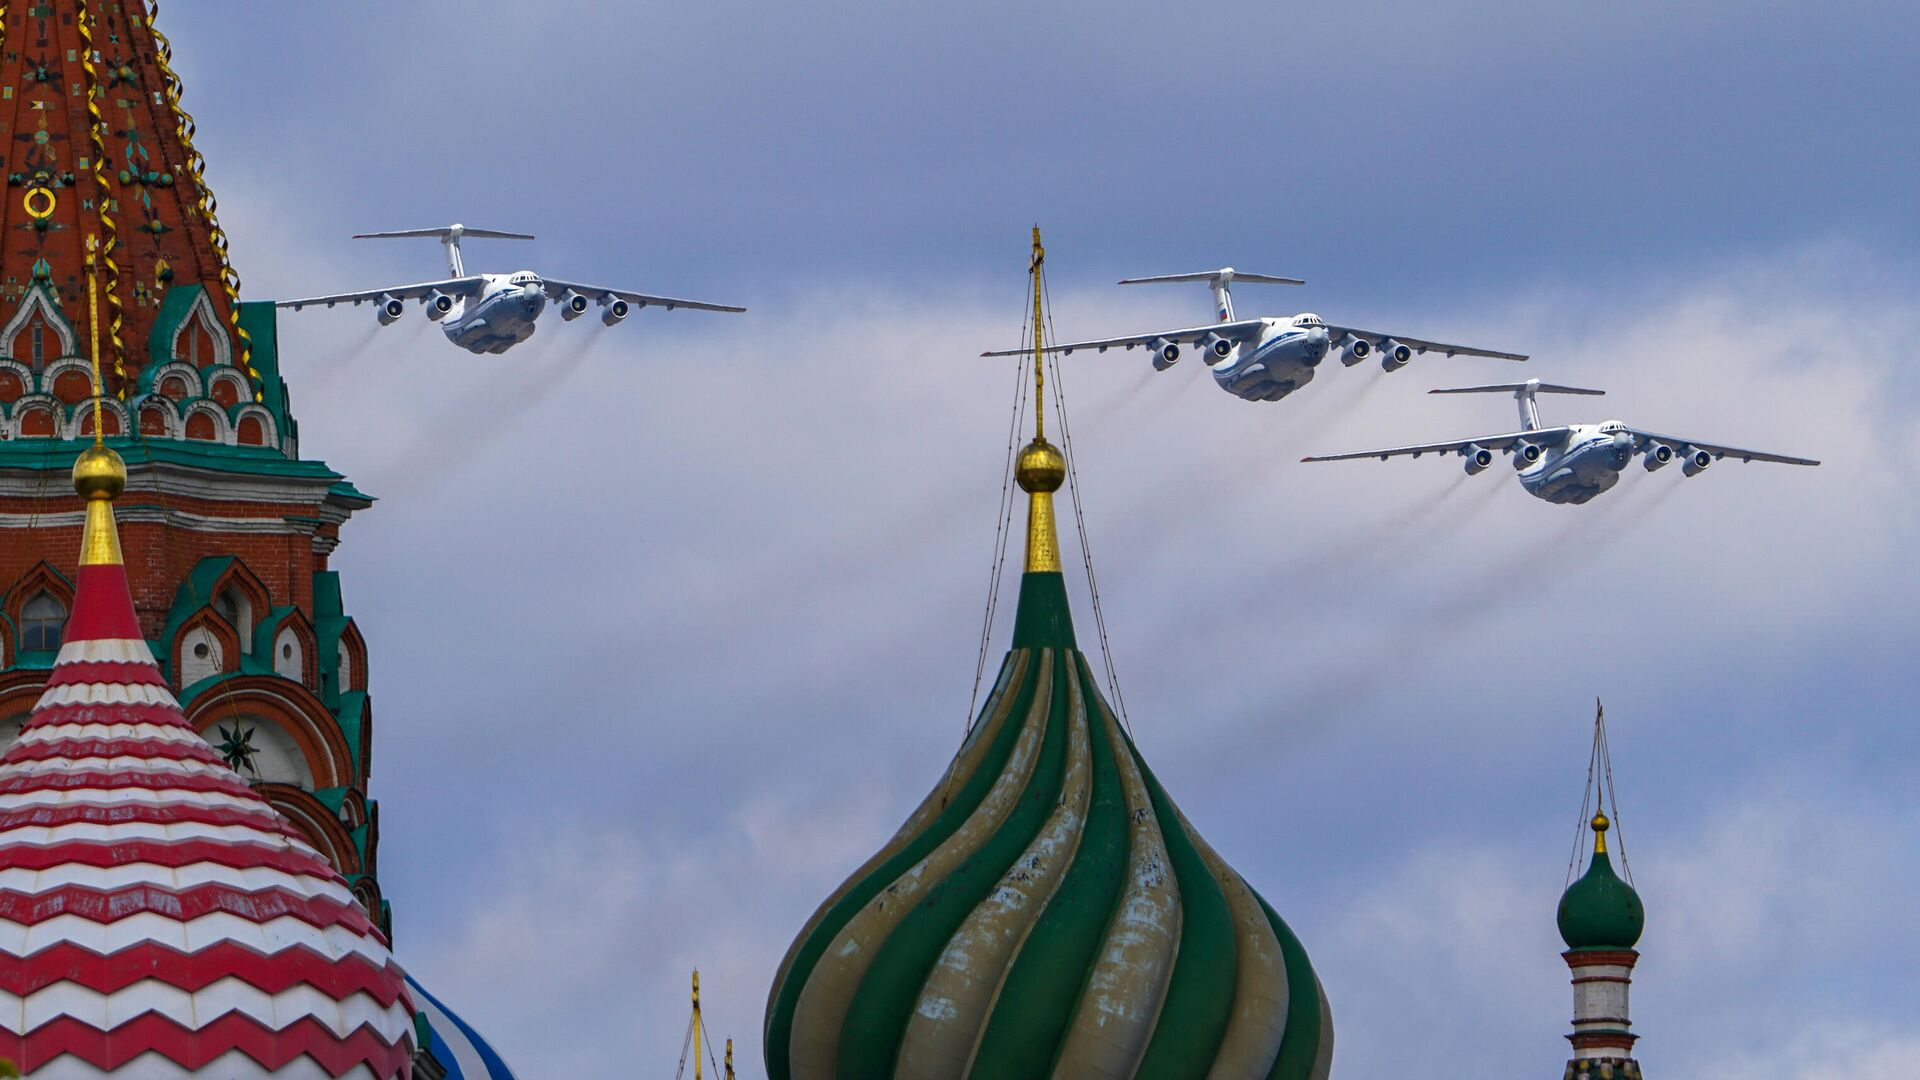 Тяжелые транспортные самолеты Ил-76 в небе во время репетиции воздушной части парада в честь 76-летия Победы в Великой Отечественной войне в Москве - РИА Новости, 1920, 08.05.2021